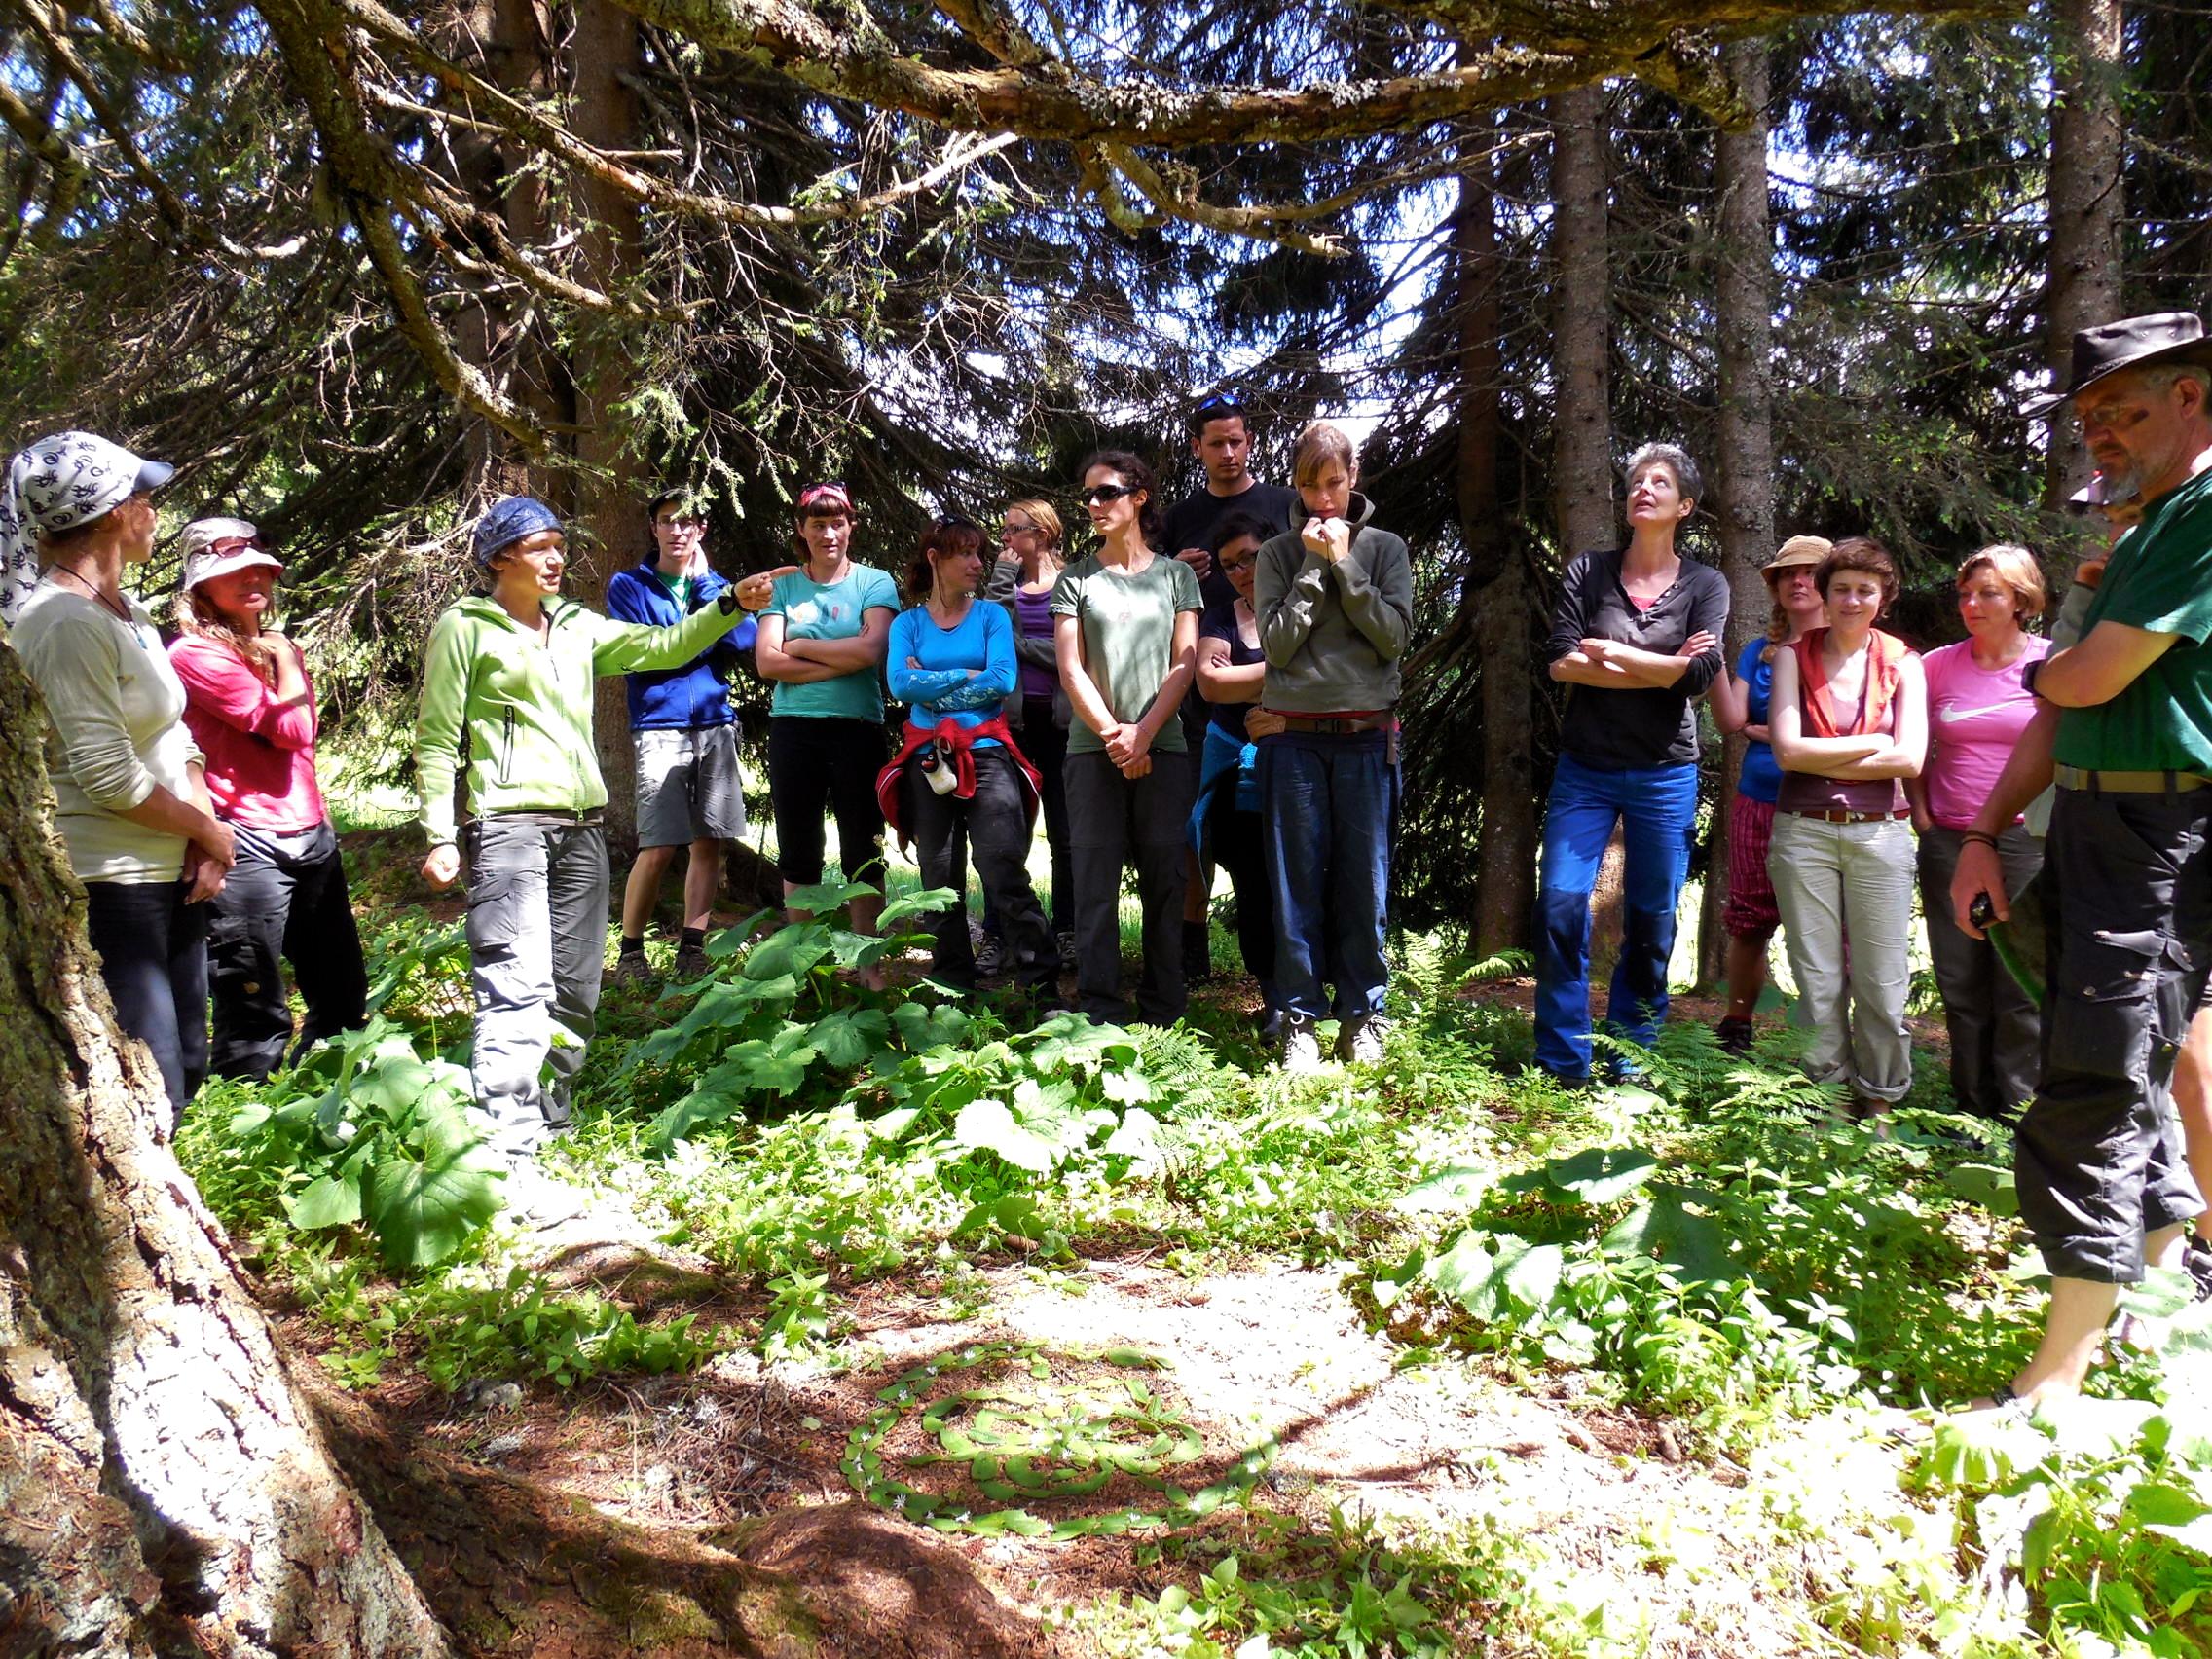 Feld, Wald und Wiese - Erlebnis-, Lebens- und Tagungsraum während der naturpädagogischen Weiterbildung